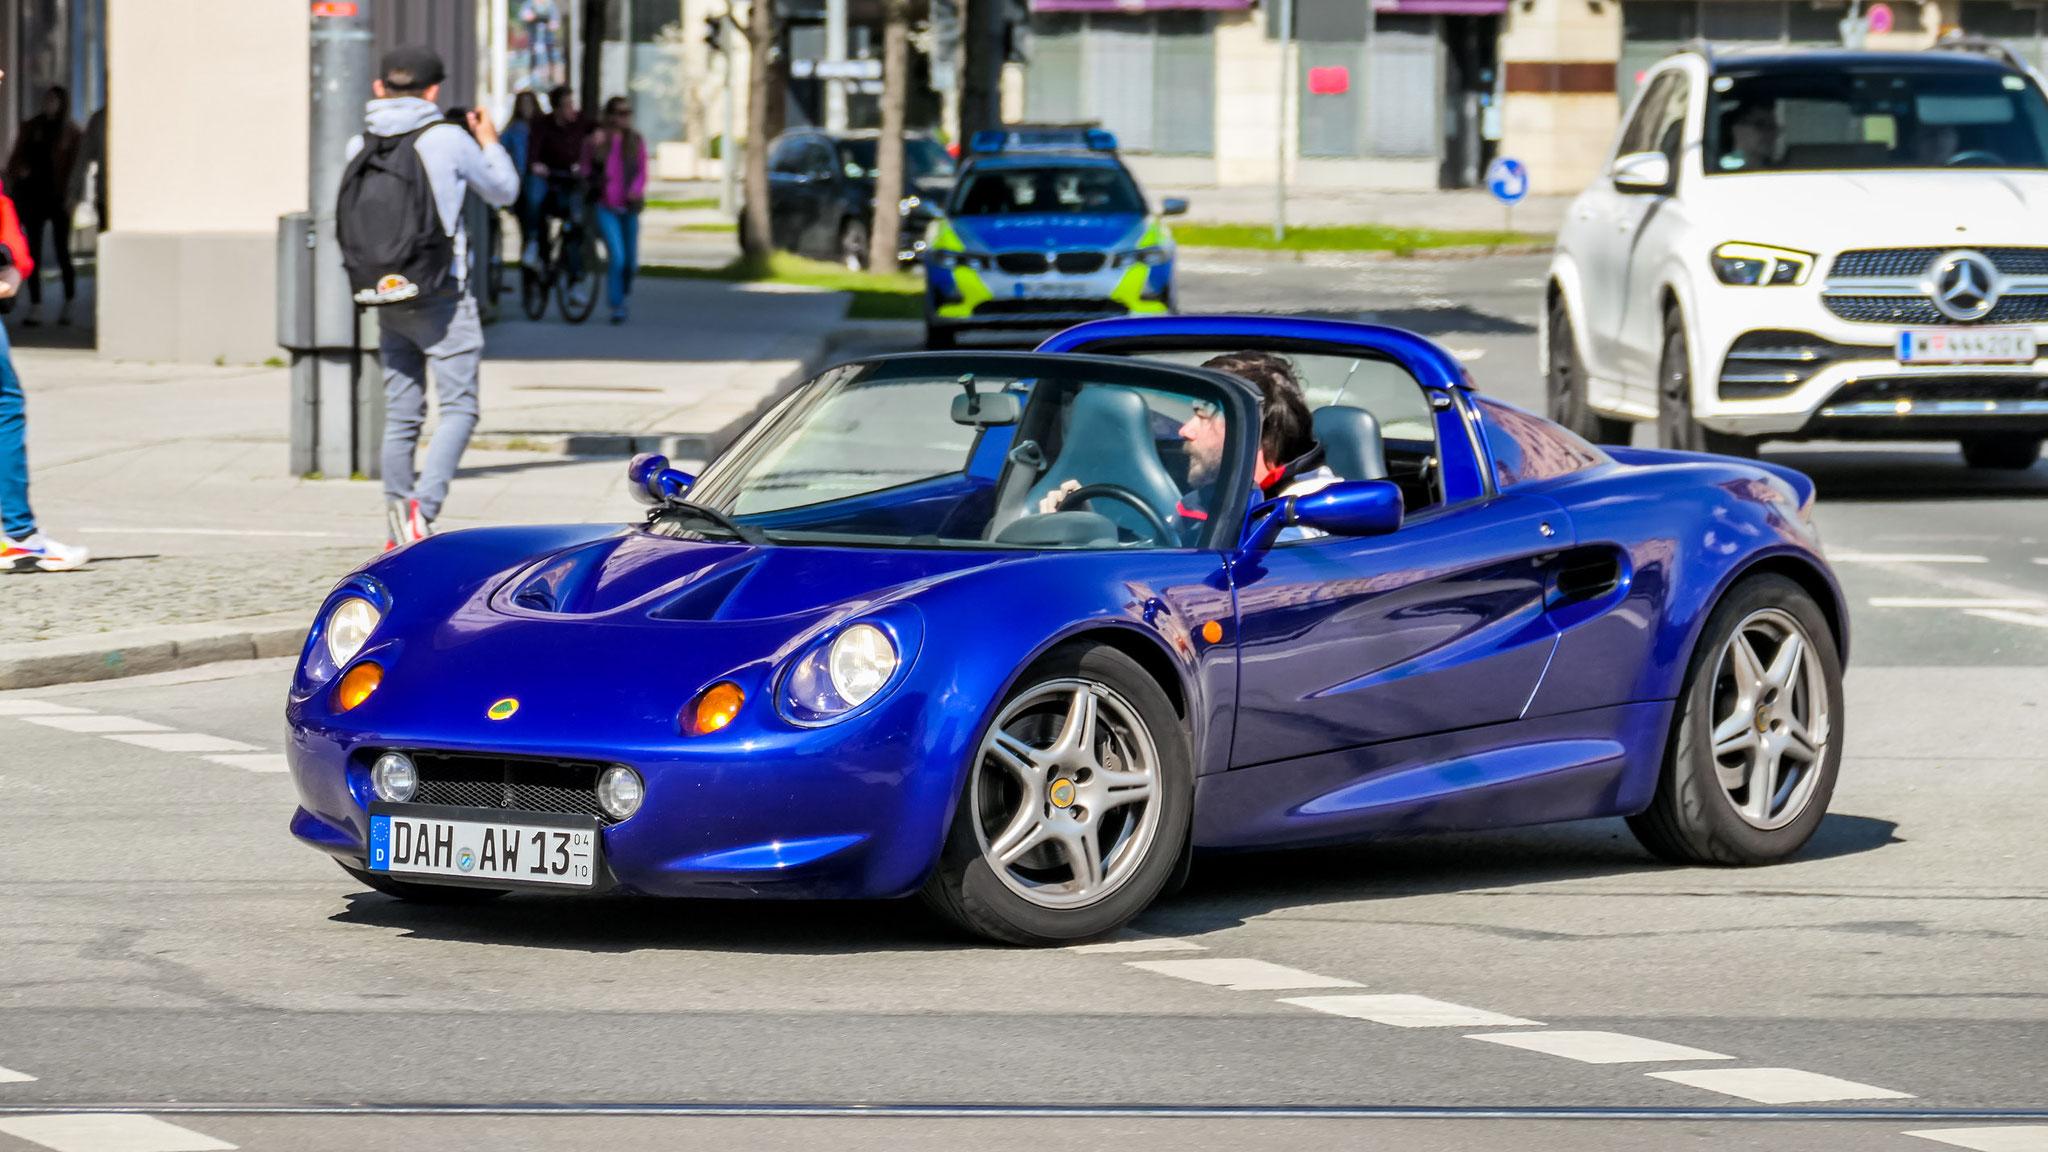 Lotus Elise S1 - DAH-AW-13